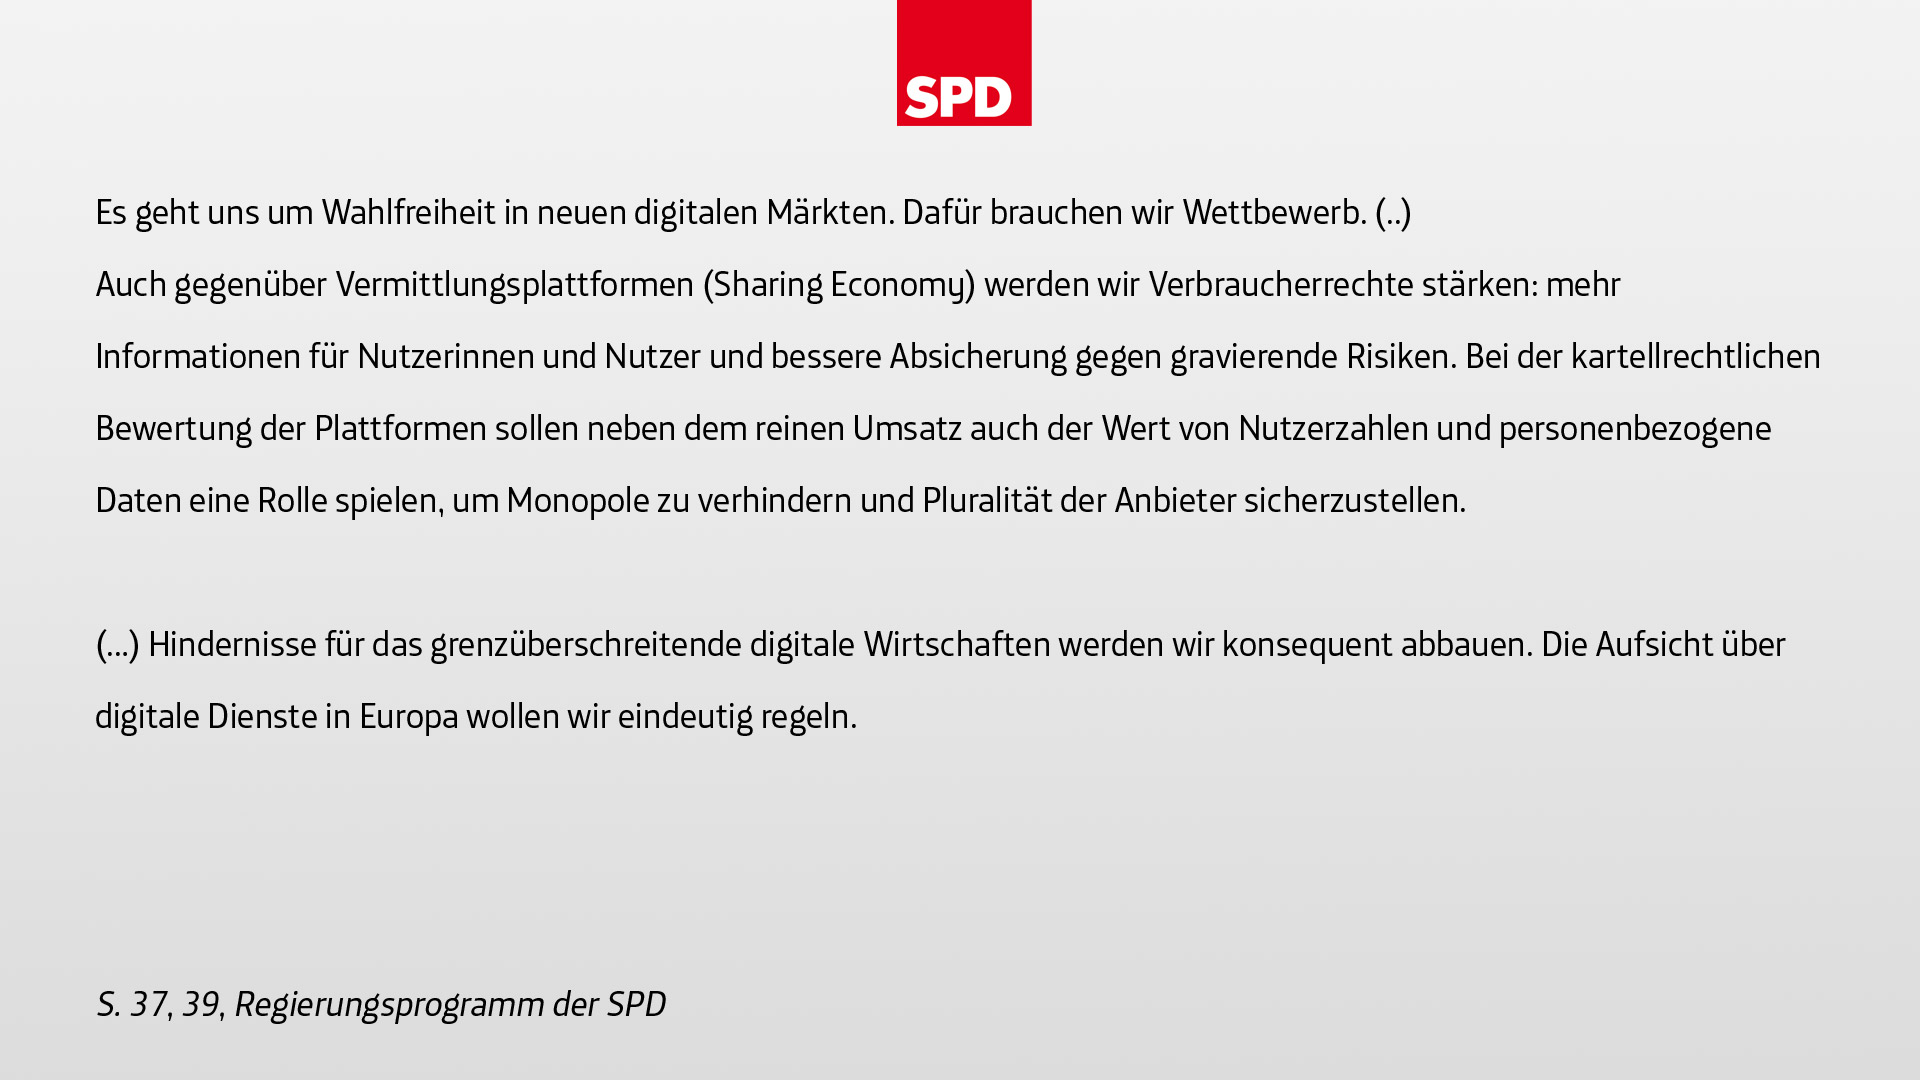 Wettbewerb-SPD-Slides